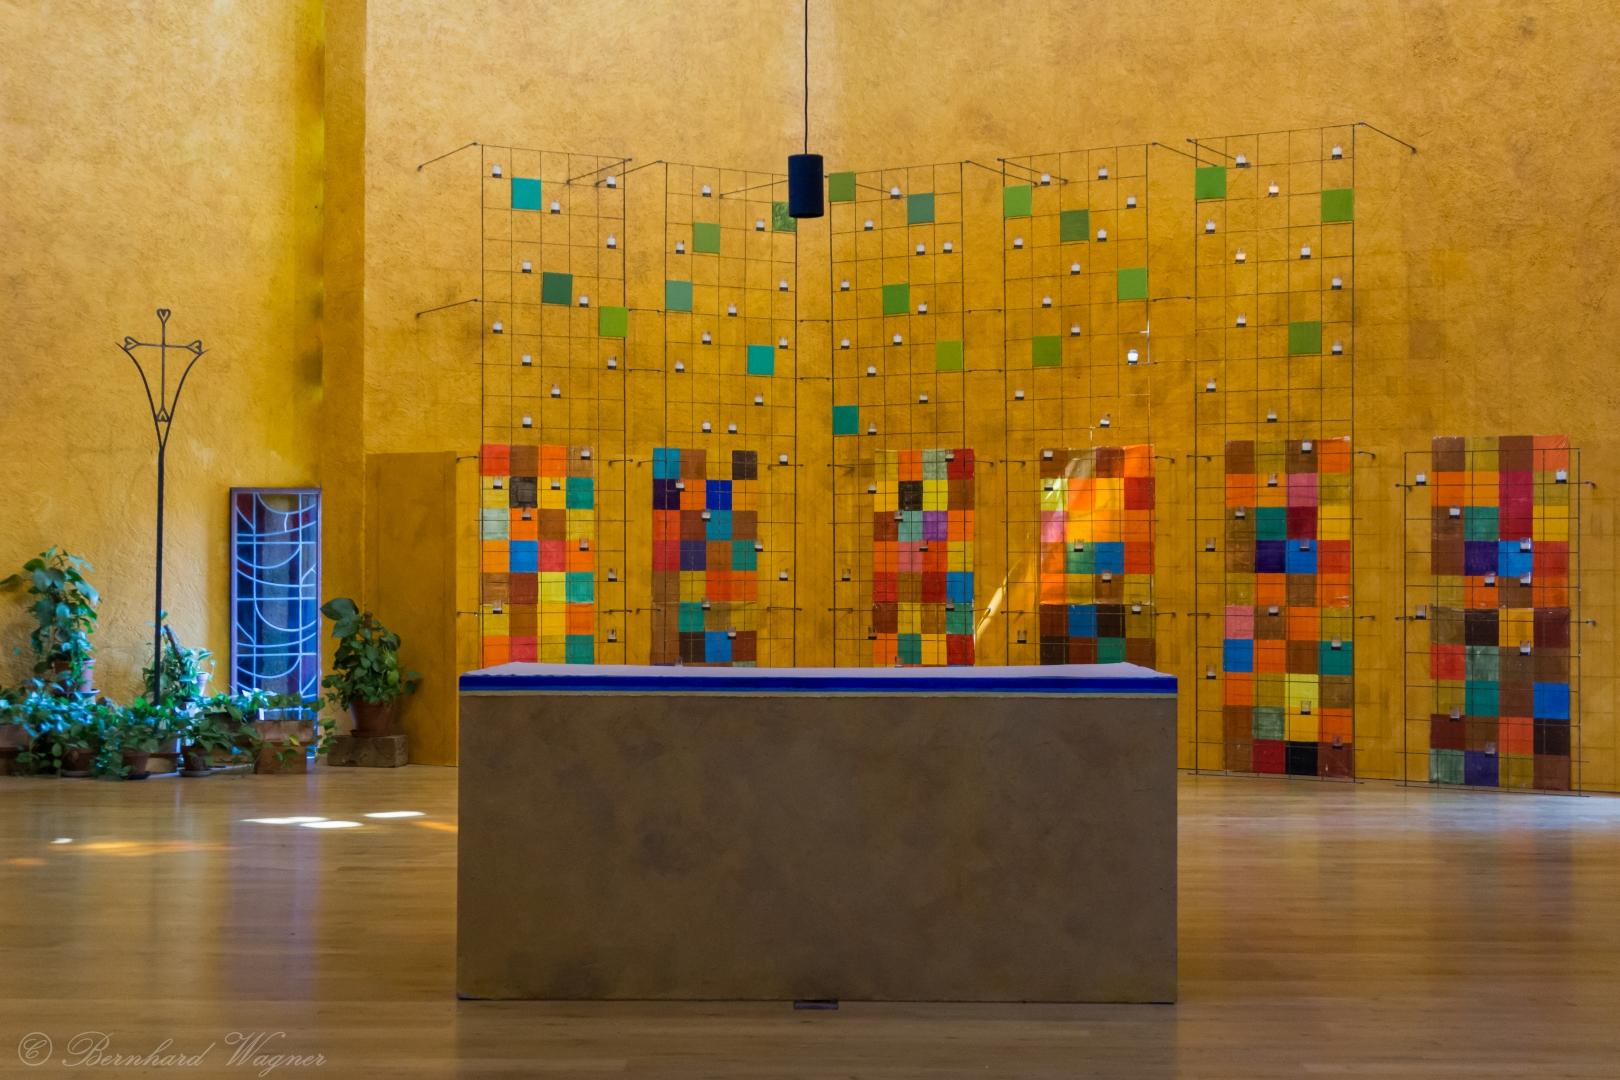 Altarbereich der Versöhnungskirche am Tag (© Herr Mag. Bernhard Wagner).